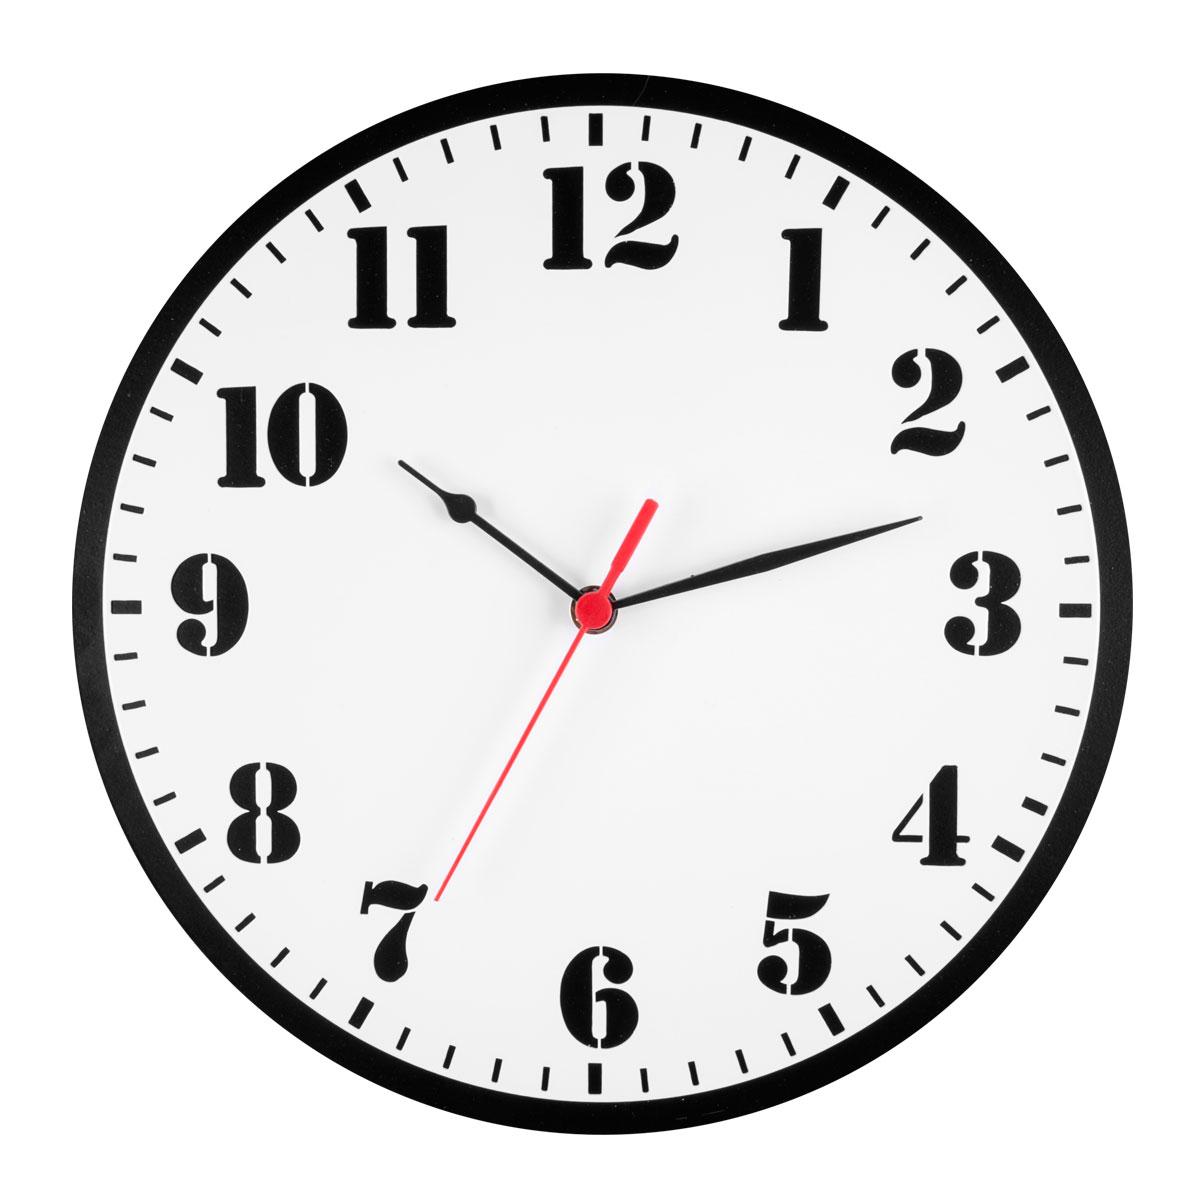 Часы настенные Miolla Циферблат, цвет: серый, черныйCH021Оригинальные настенные часы круглой формы выполнены из стали. Часы имеют три стрелки - часовую, минутную и секундную и циферблат с цифрами. Необычное дизайнерское решение и качество исполнения придутся по вкусу каждому. Оформите свой дом таким интерьерным аксессуаром или преподнесите его в качестве презента друзьям, и они оценят ваш оригинальный вкус и неординарность подарка.